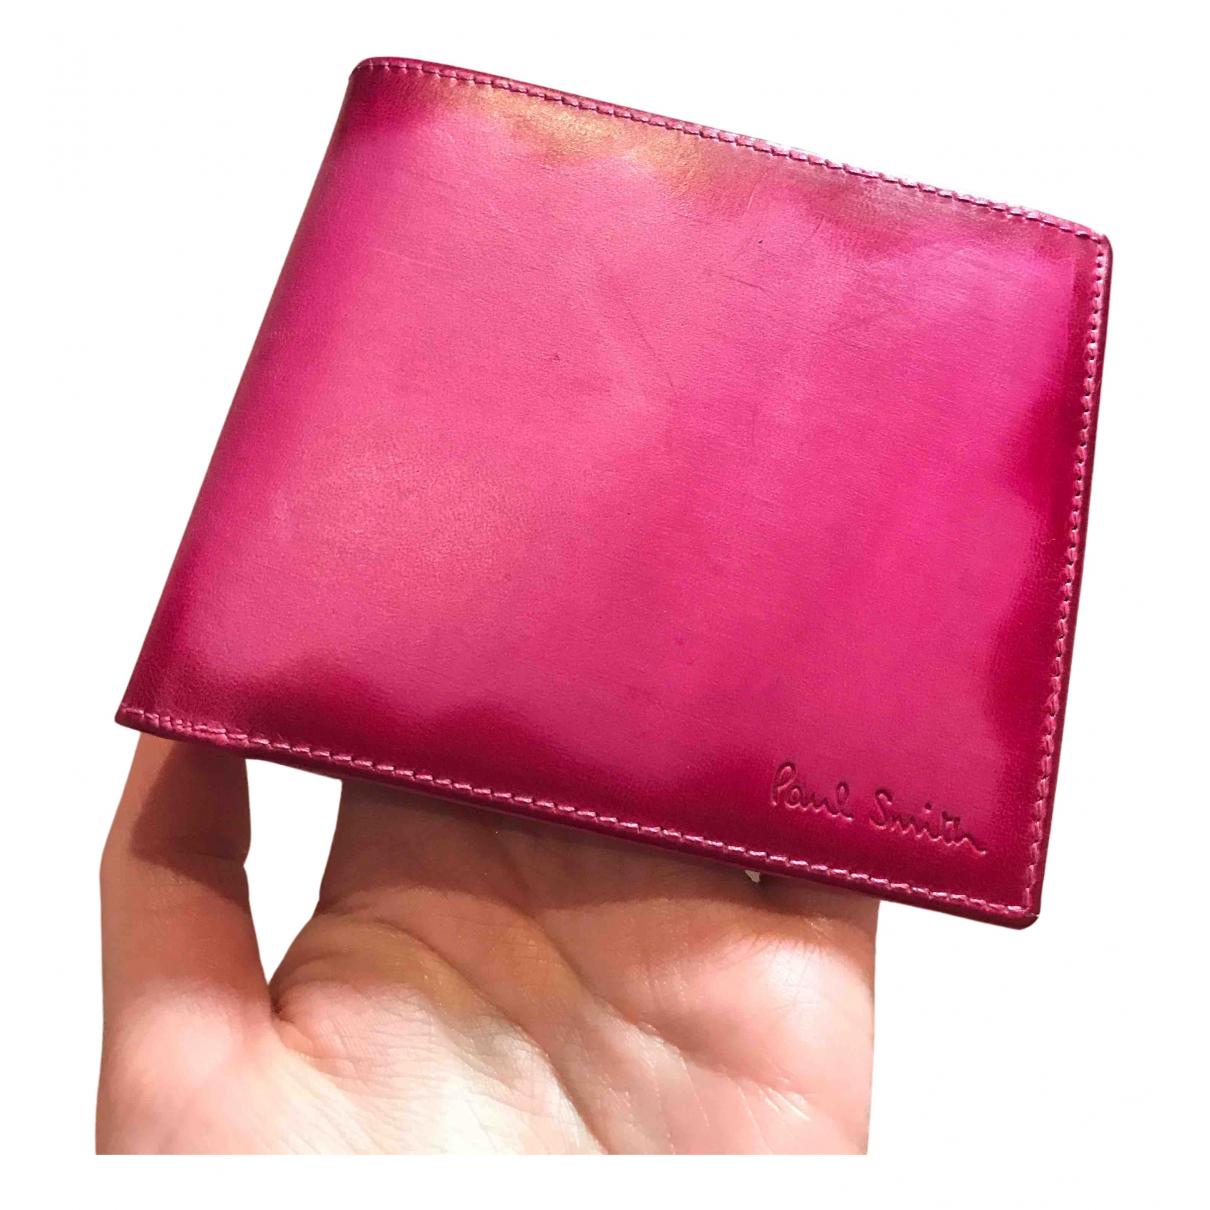 Paul Smith - Petite maroquinerie   pour homme en cuir - rose